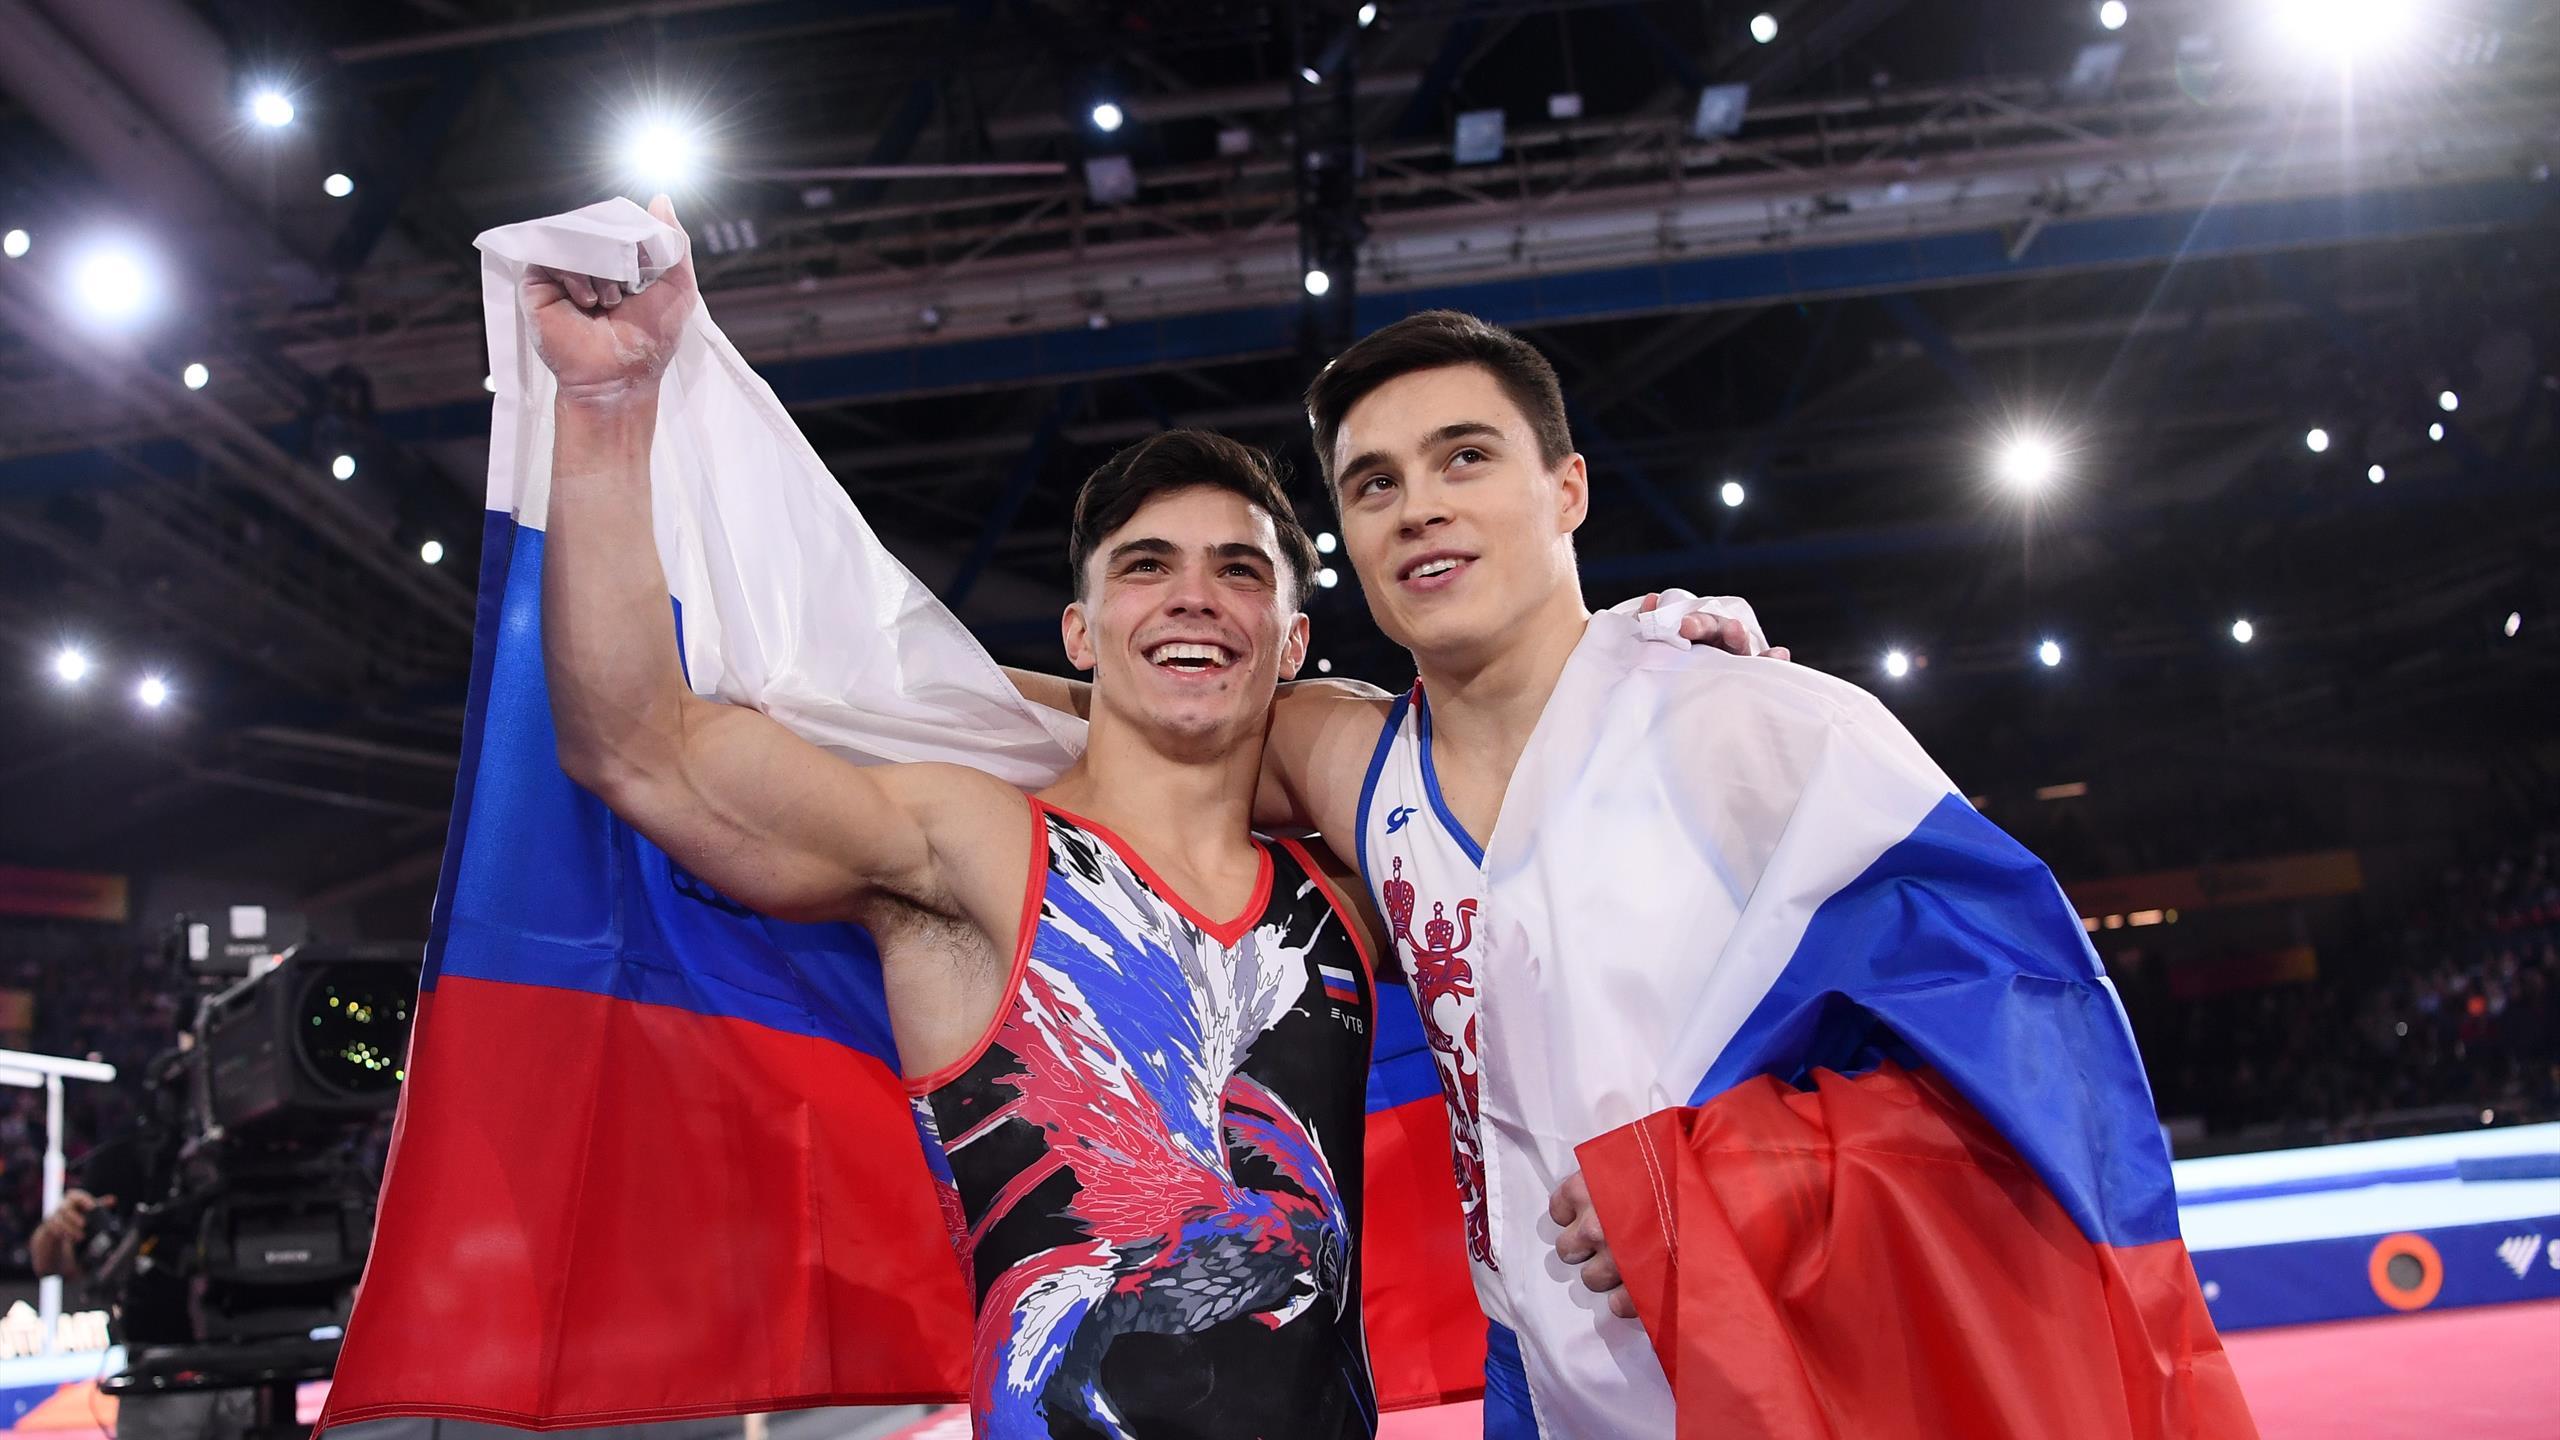 У русских гимнастов – все титулы, кроме ОИ. Проблема в травмах